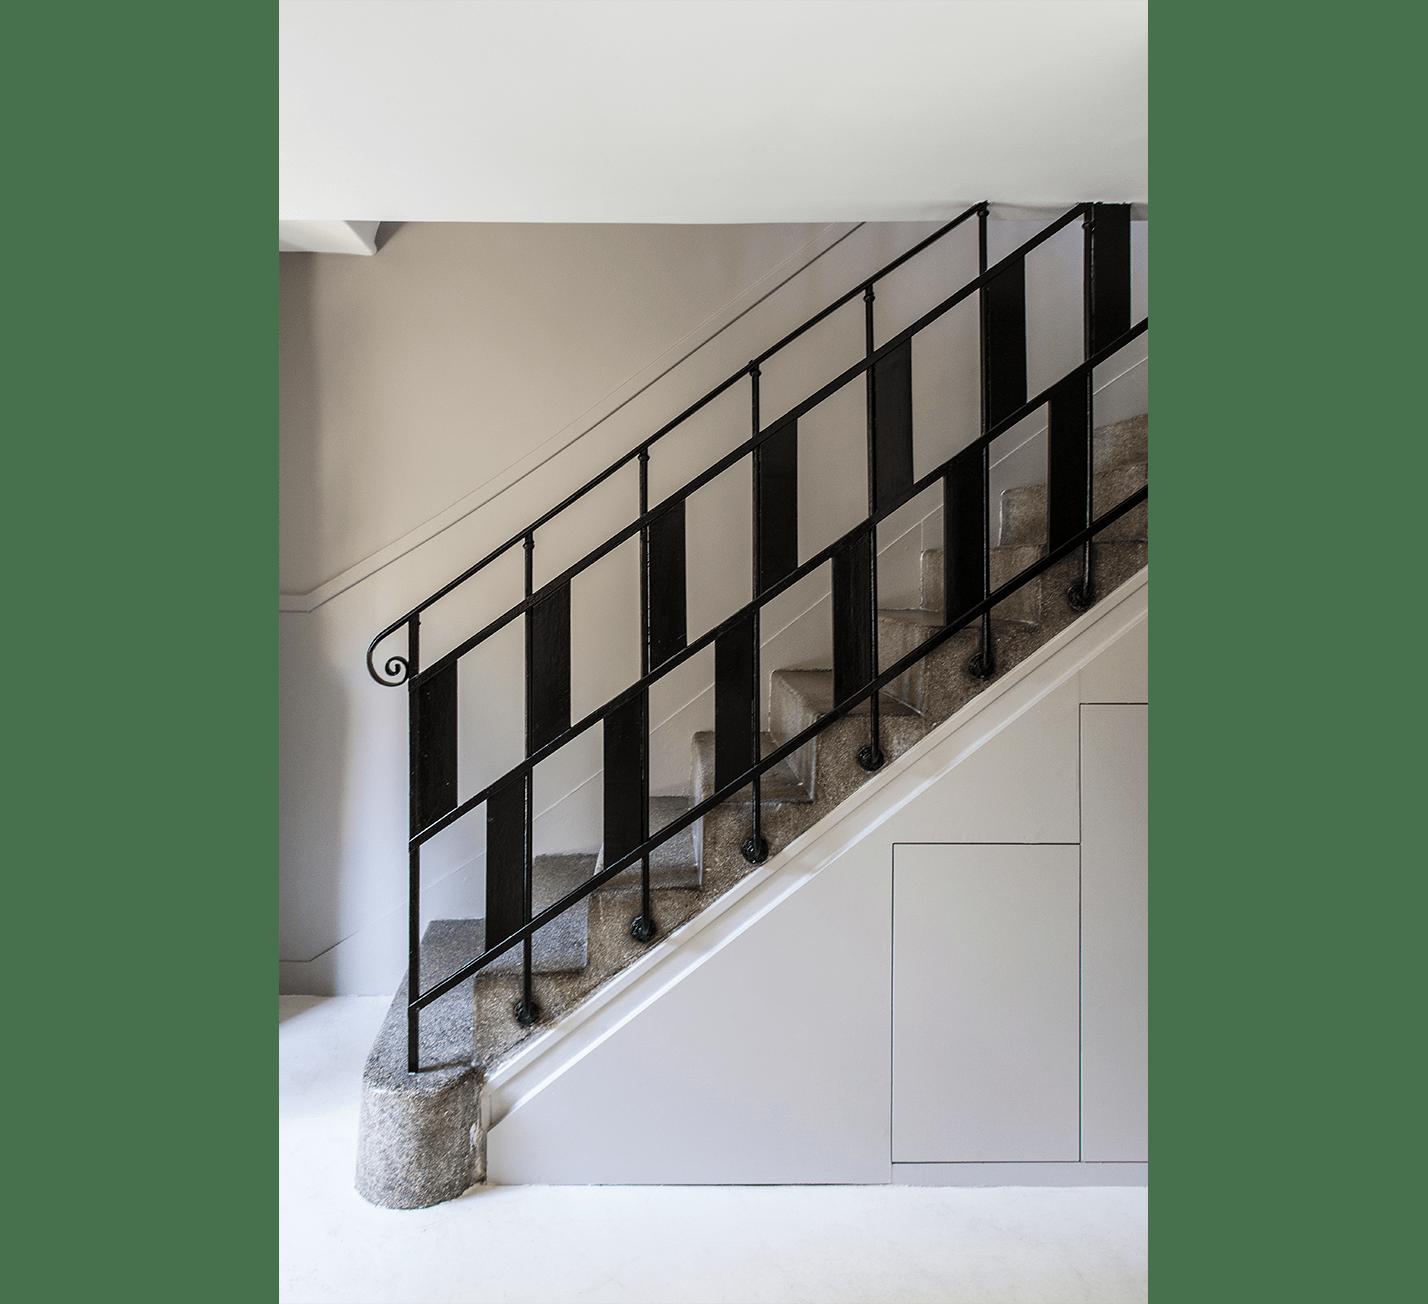 Projet-Square-Chaure-Atelier-Steve-Pauline-Borgia-Architecture-interieur-01-min